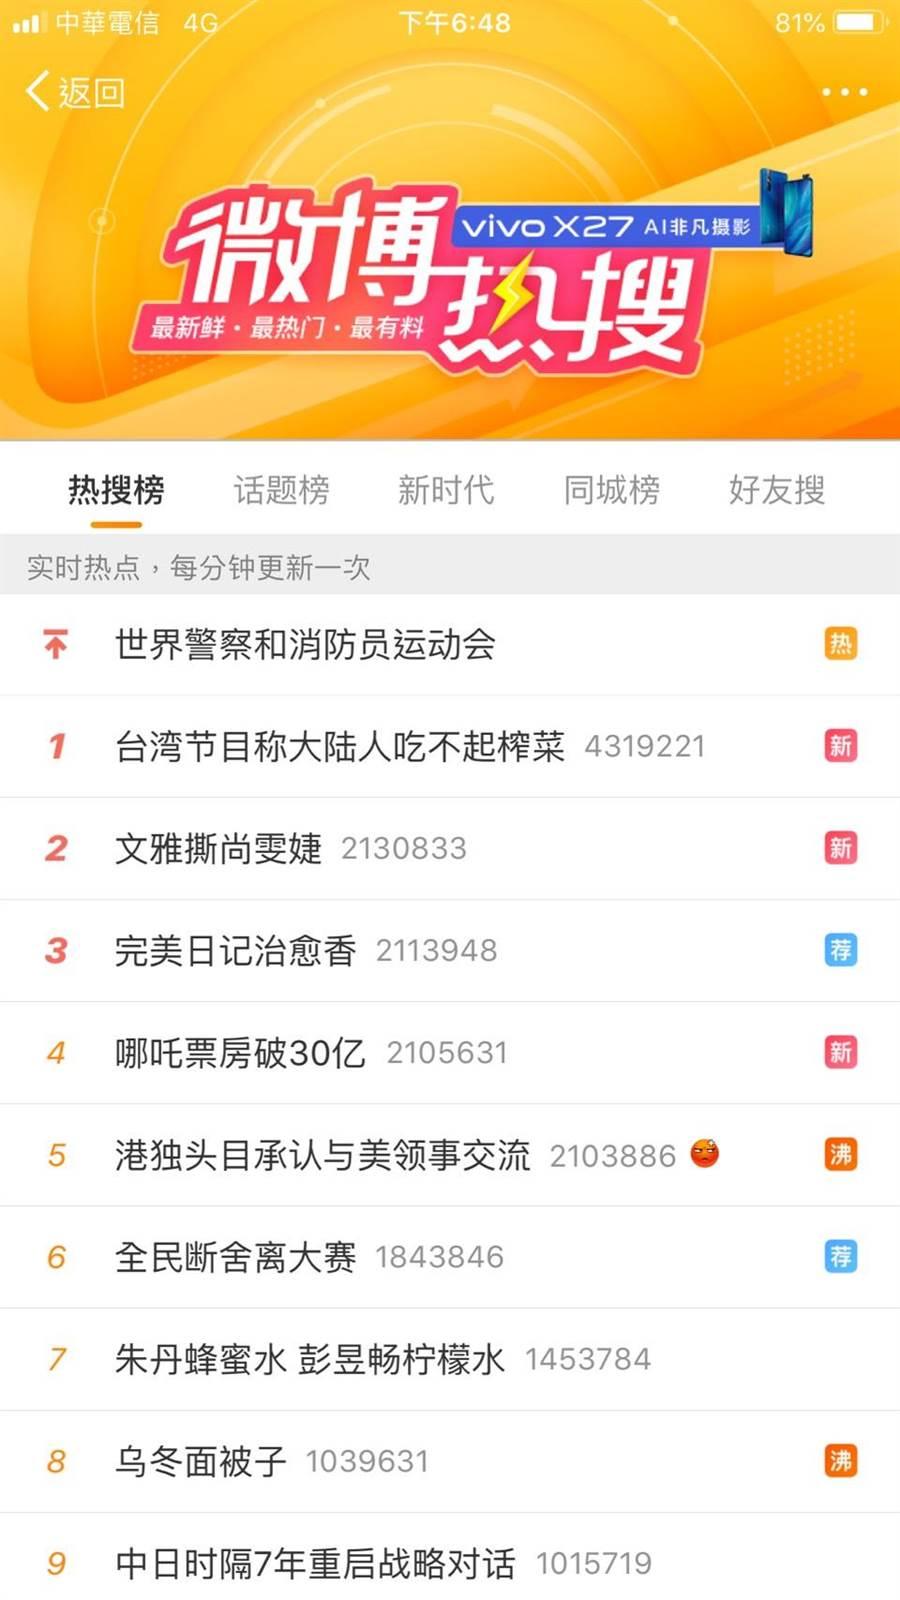 「台灣節目稱大陸人吃不起榨菜」更一度登上微博熱搜排行榜第一名。(微博截圖)